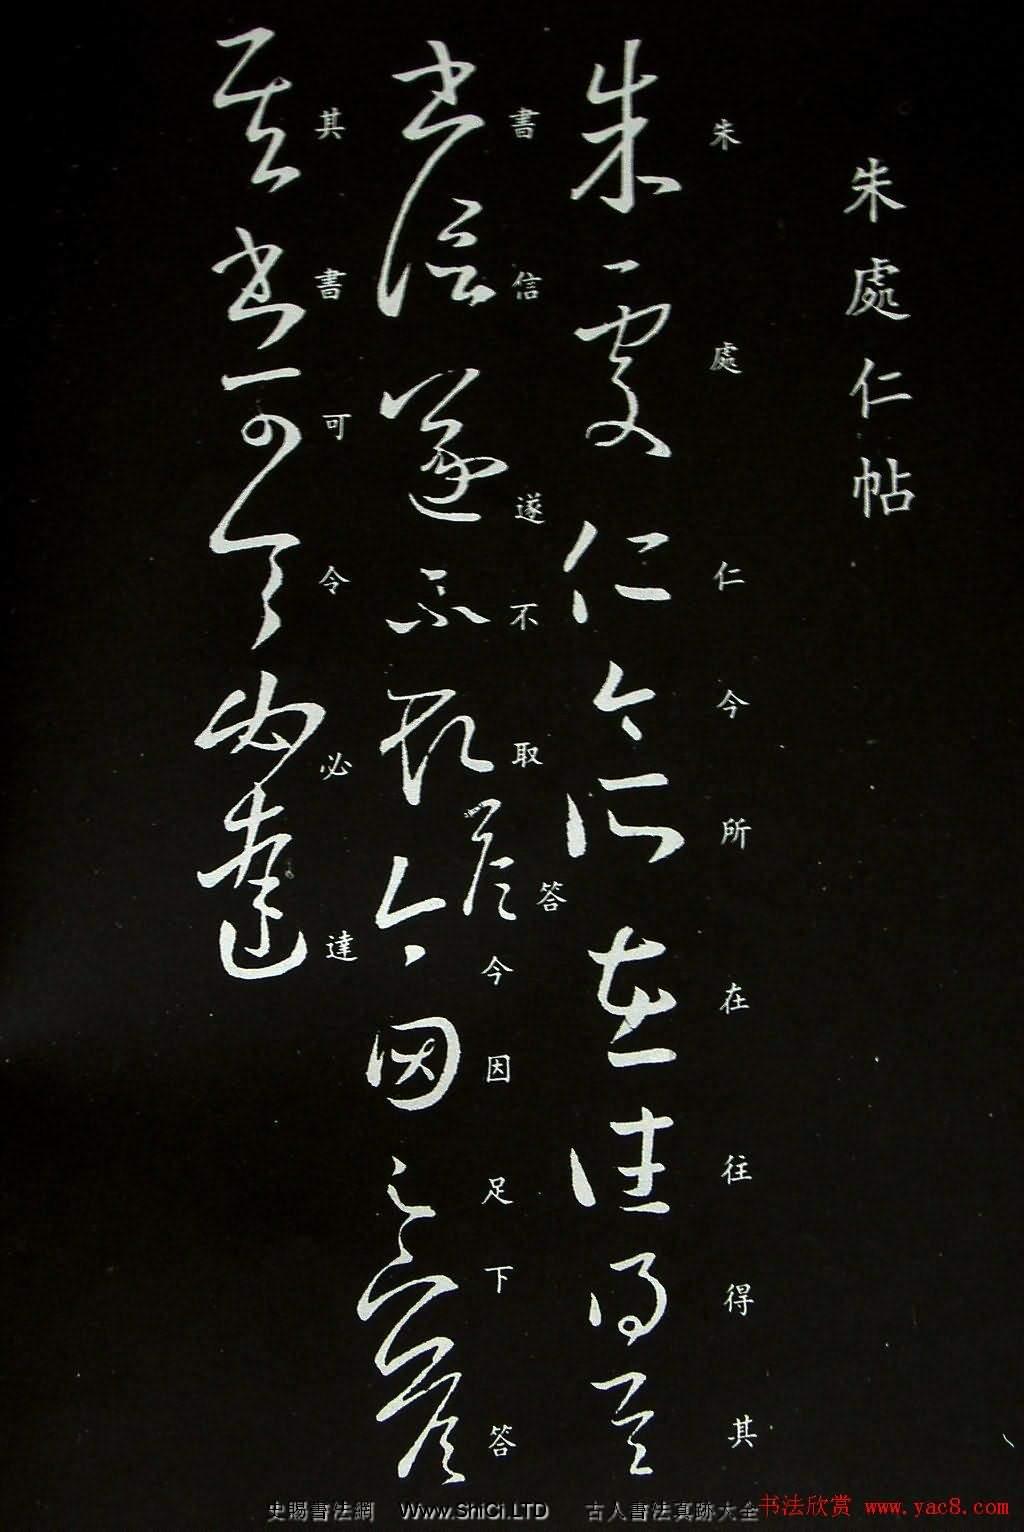 王羲之の書の真書は『朱処仁書』を鑑賞します(全部で4枚の写真)